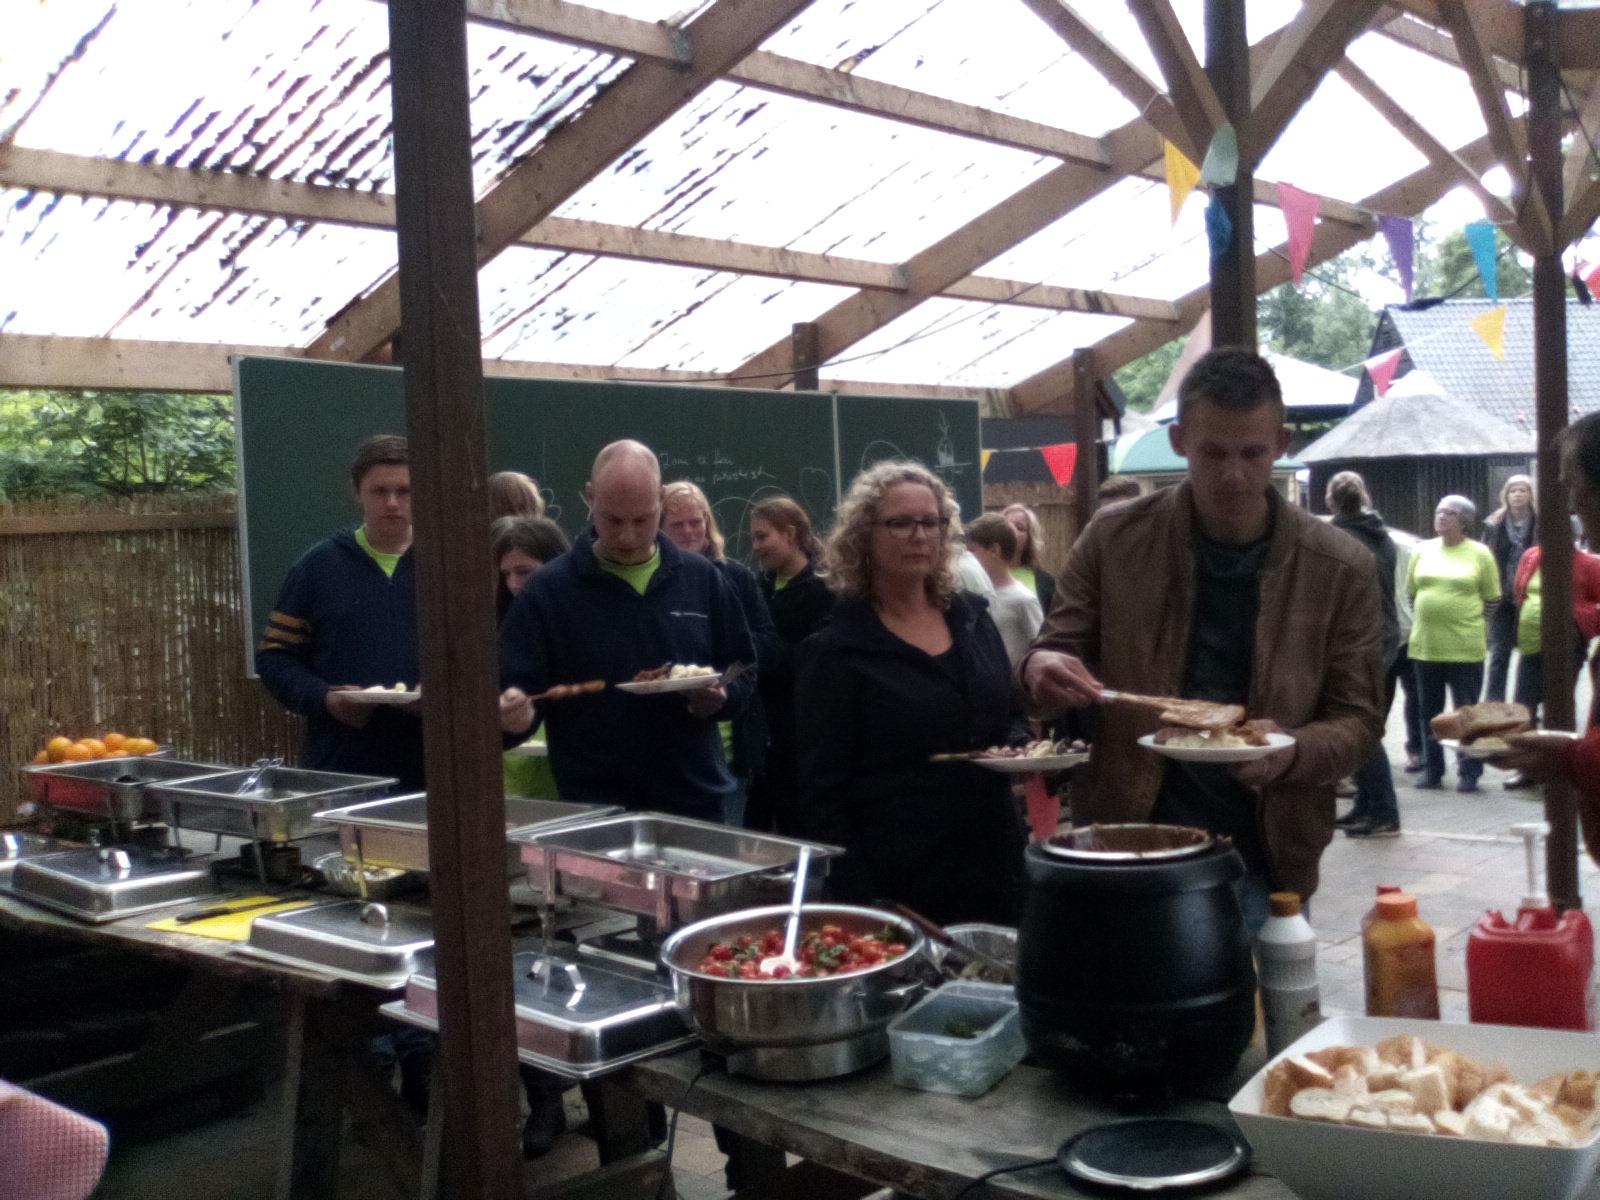 Catering Boerderij de kooi, Rotterdam